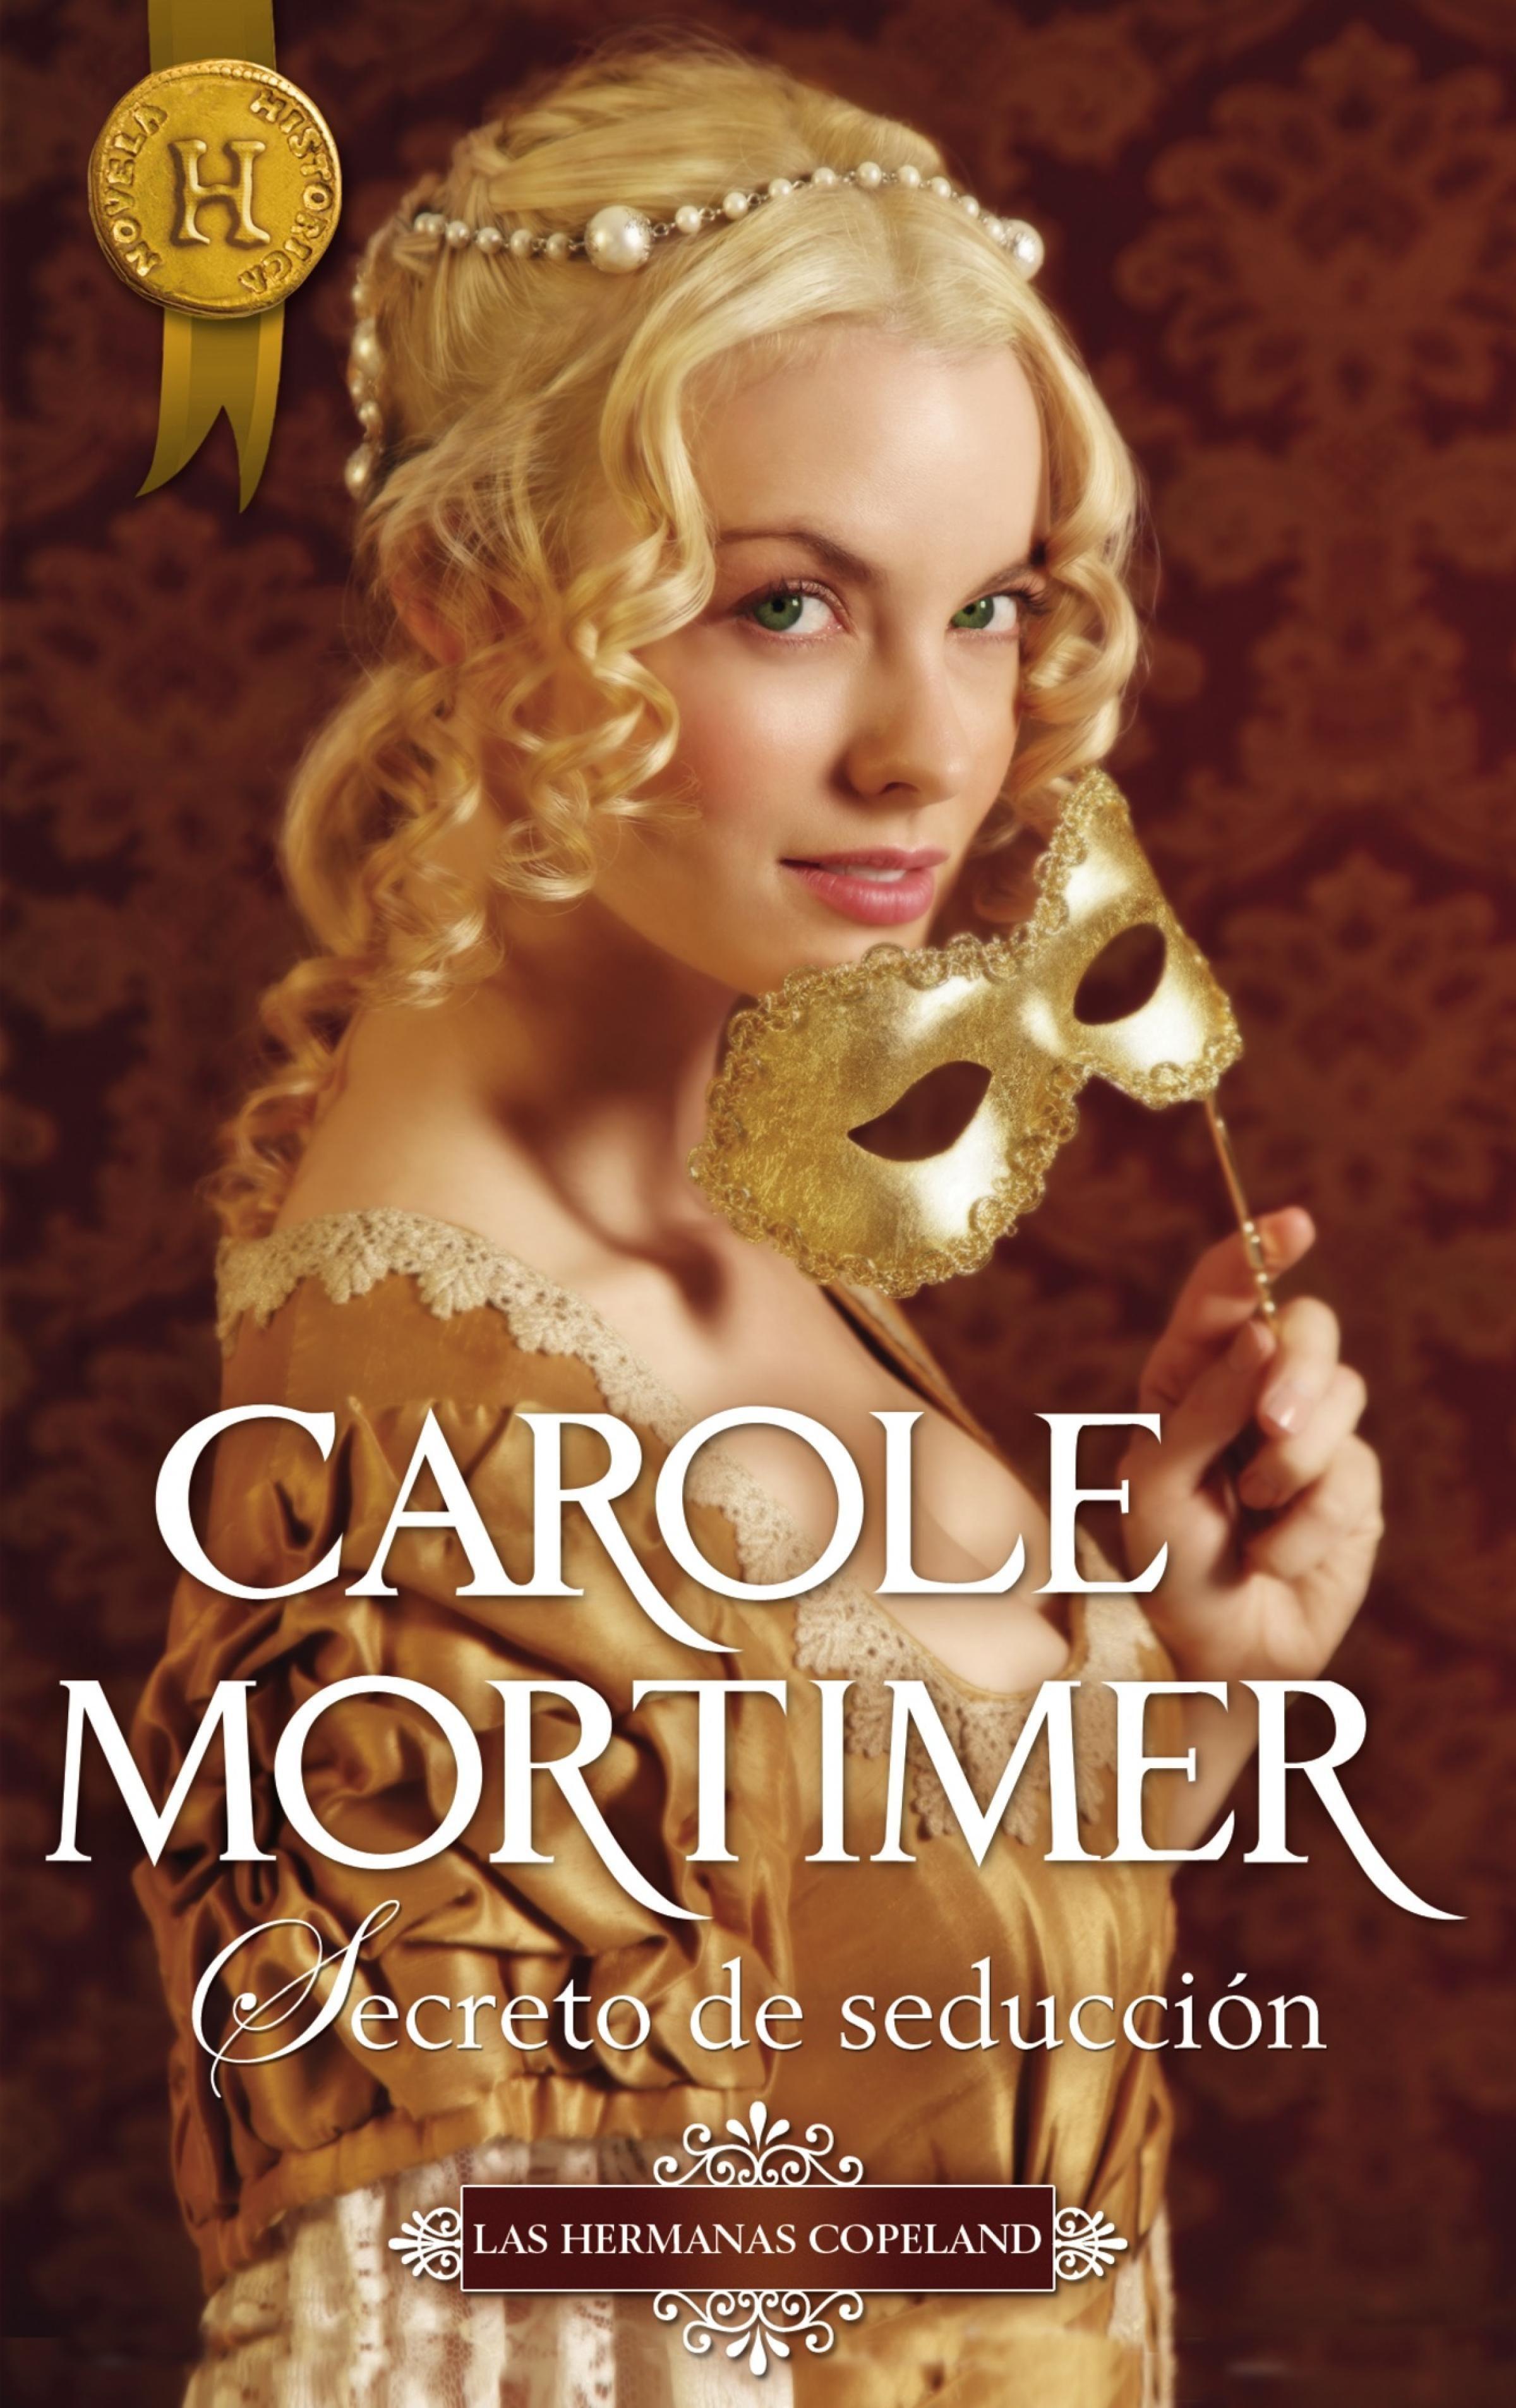 Serie Hermanas Copeland 1, 2 , 3 - Carole Mortimer (Rom) 9788468741192